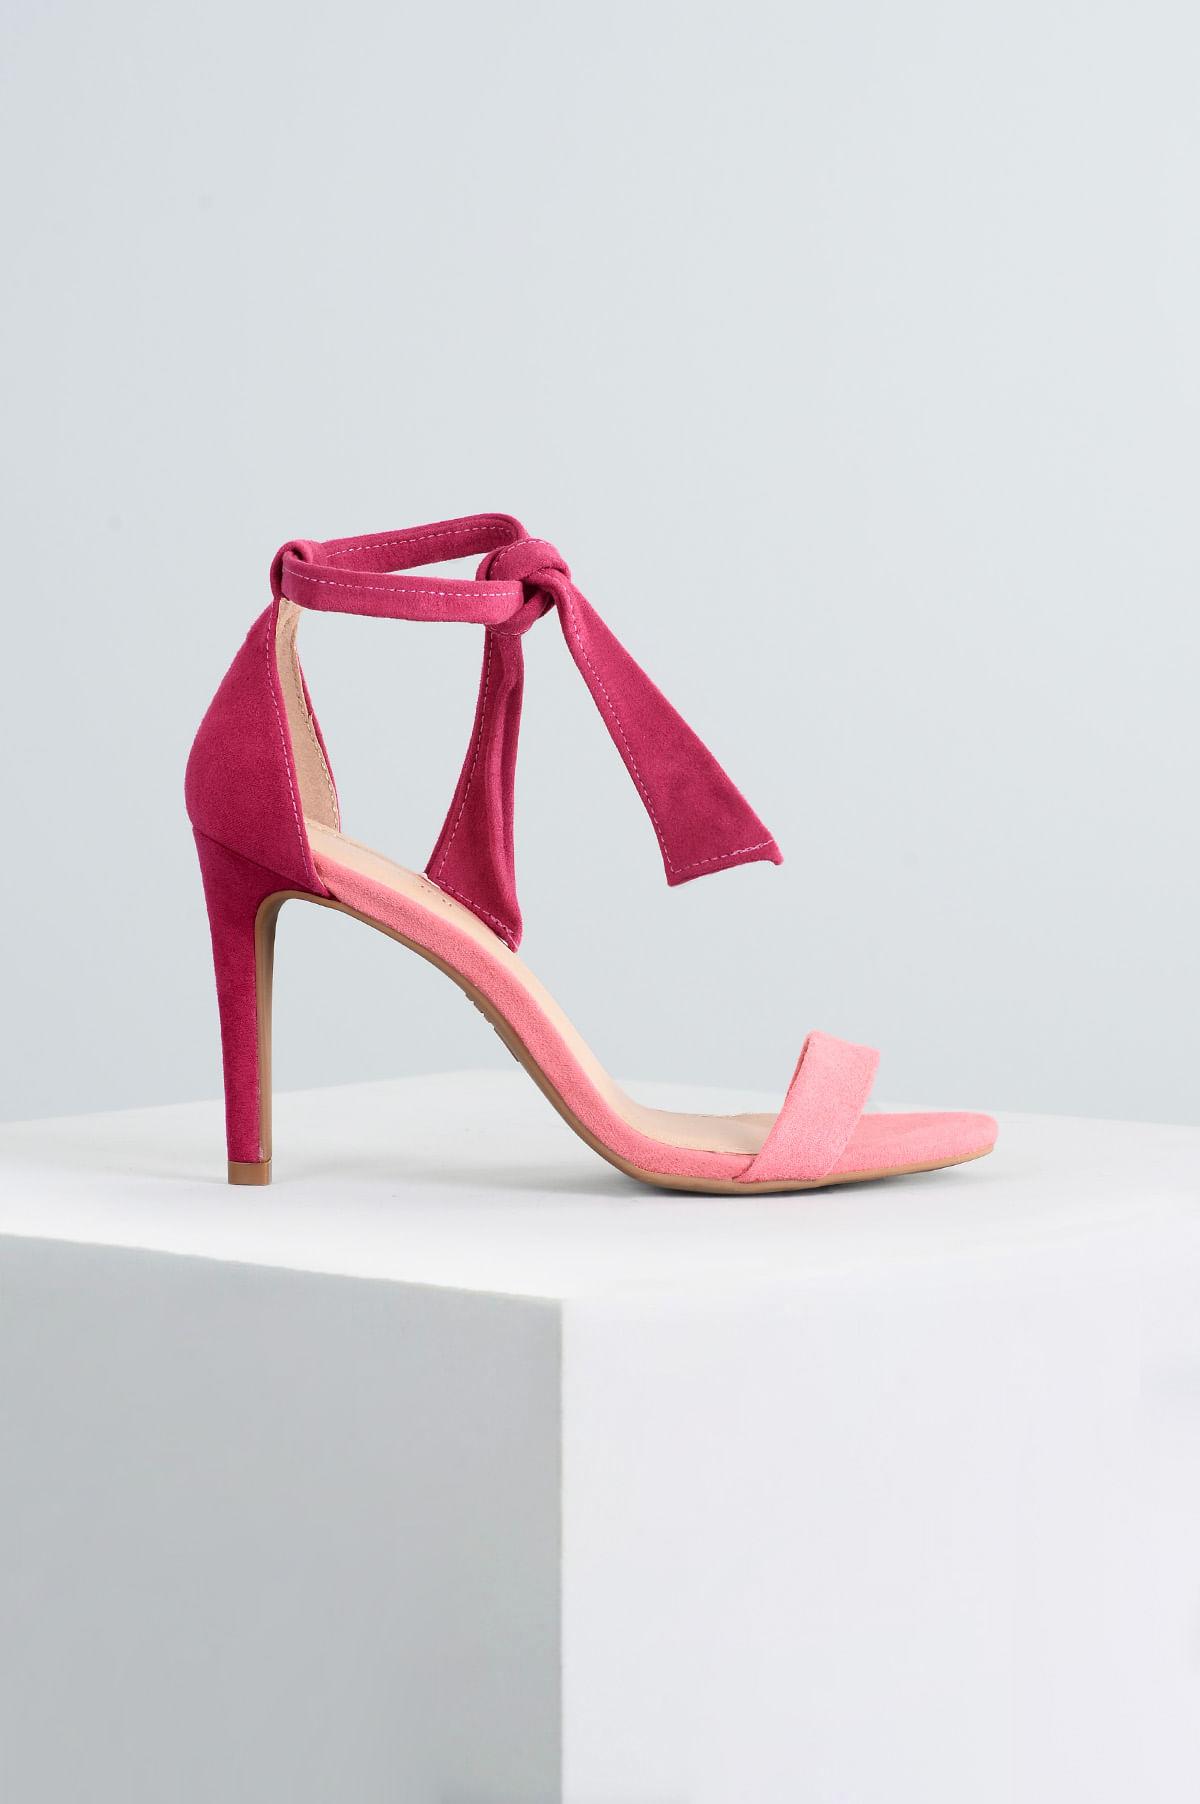 8e545663d0 Sandália Feminina Salto Alto Sheri Mundial CAM - PINK - Mundial Calçados